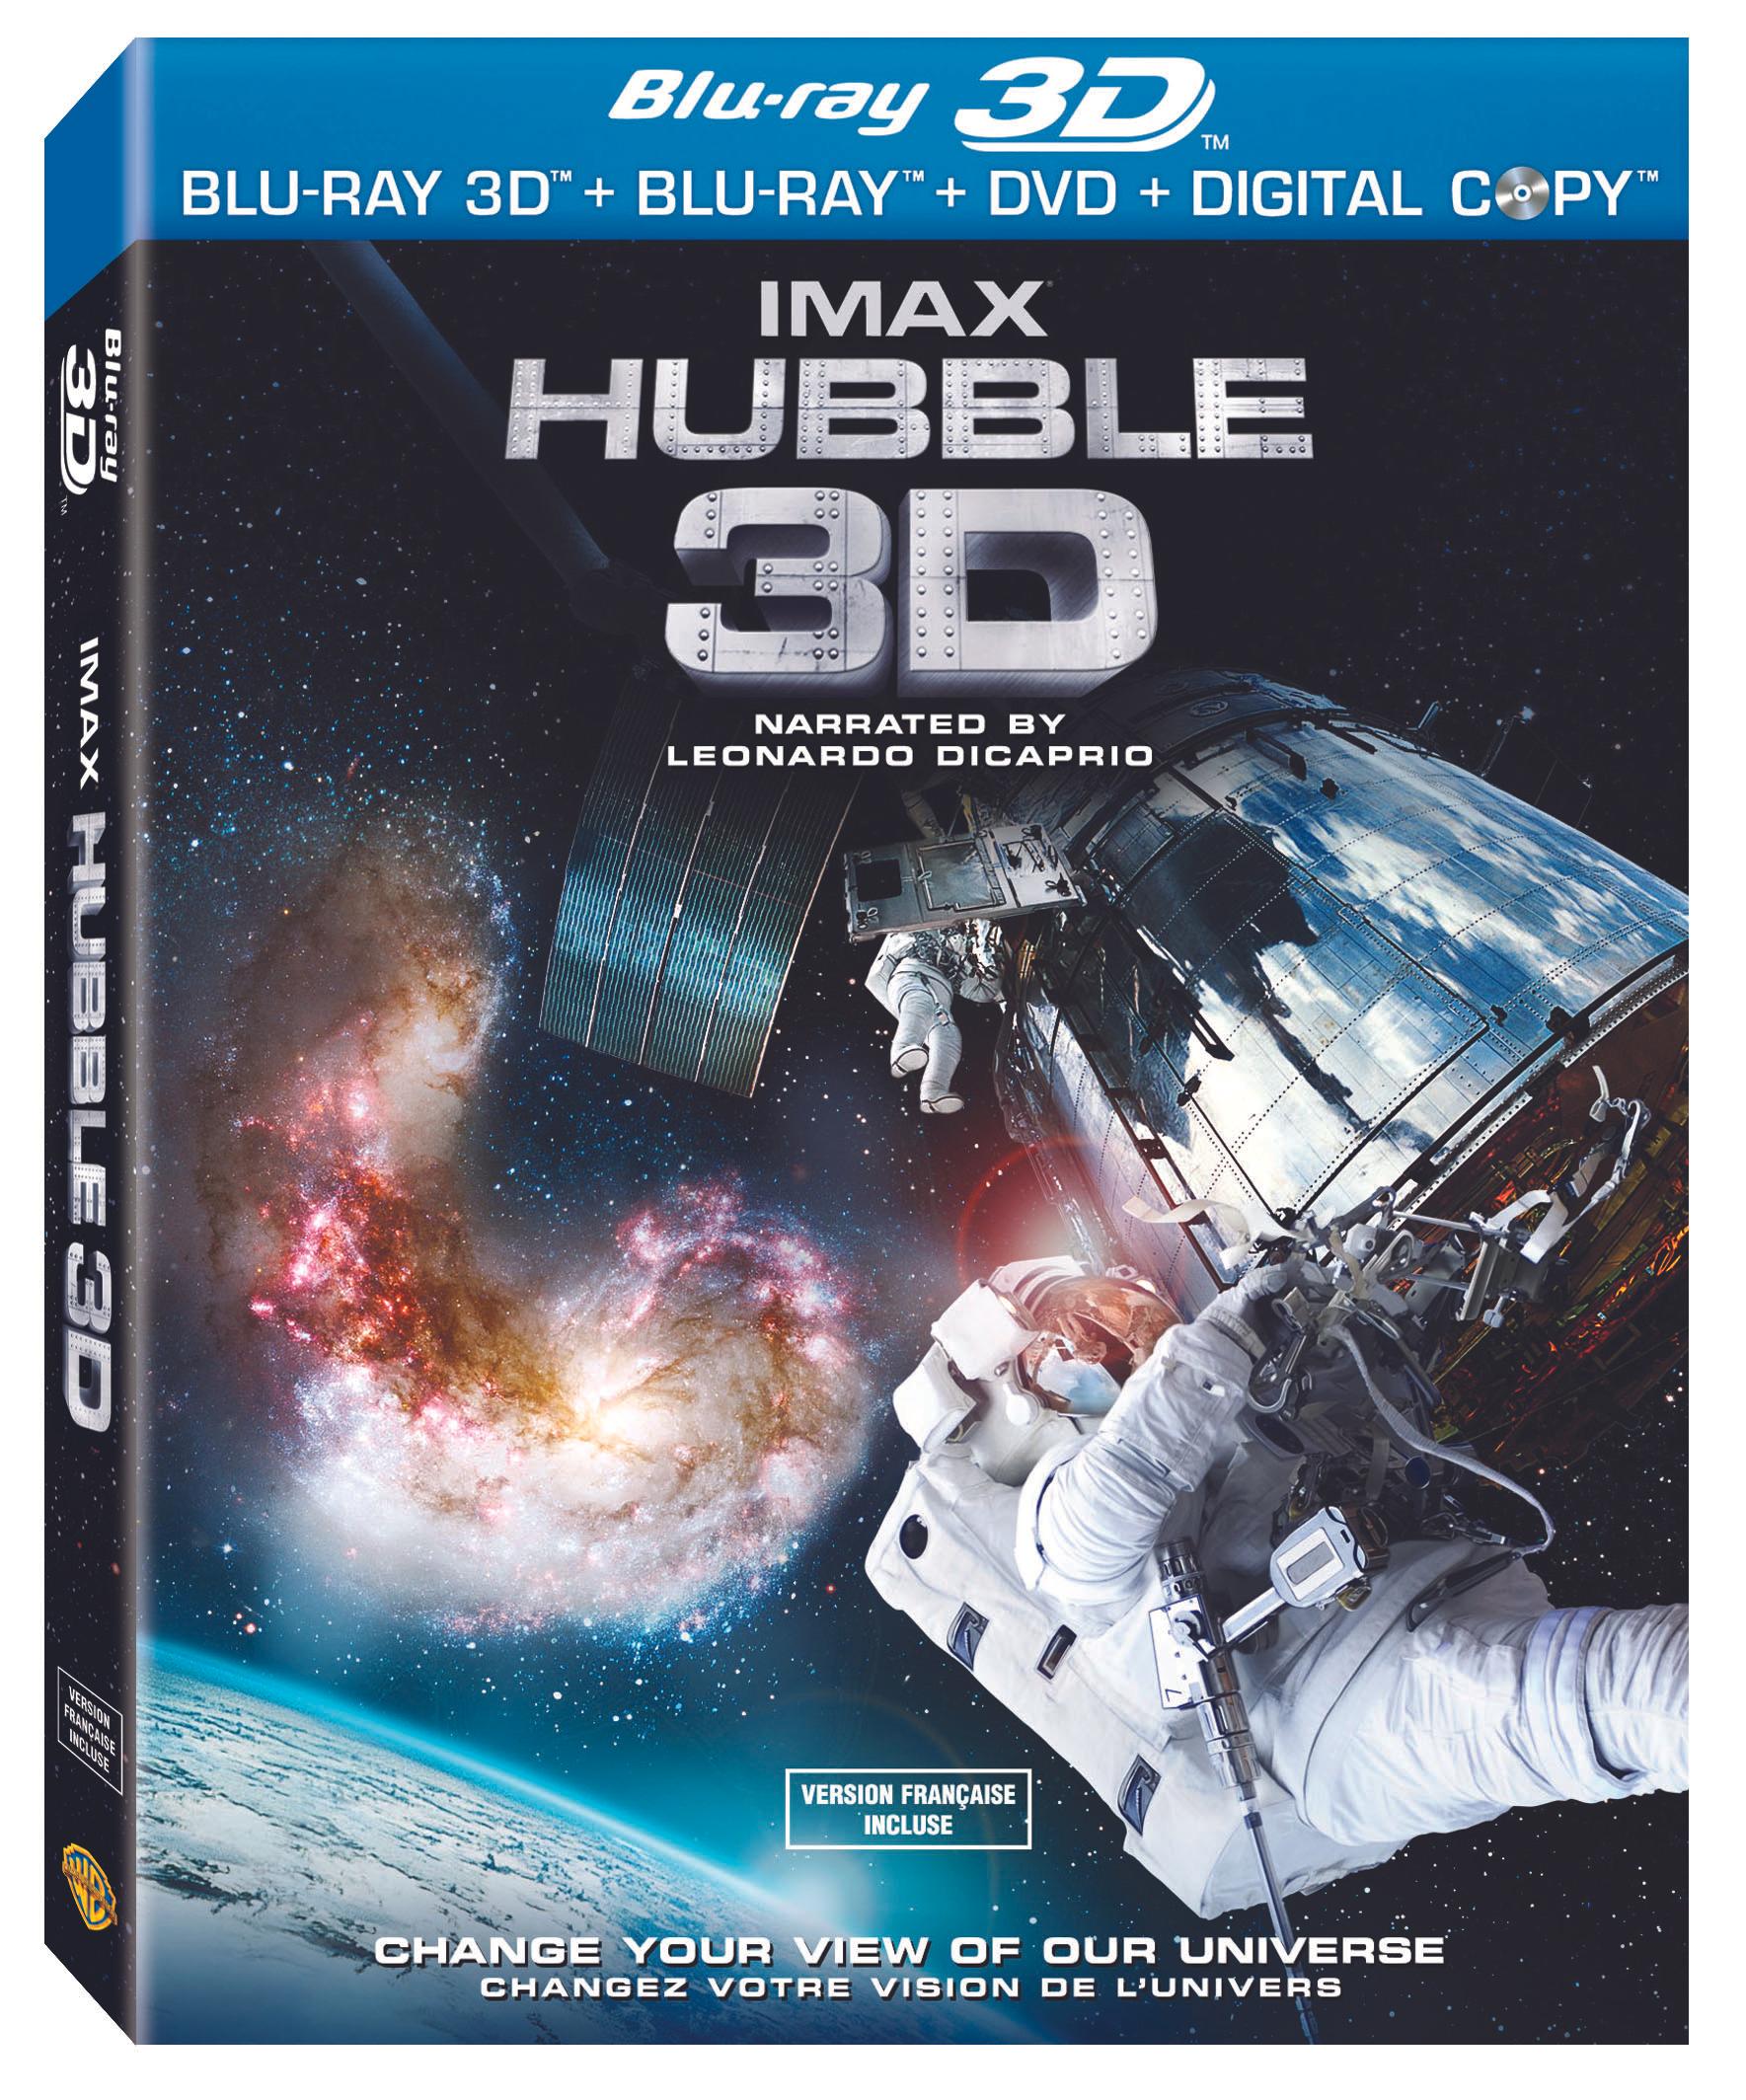 Фильм телескоп хаббл в 3d 2010 в хорошем качестве